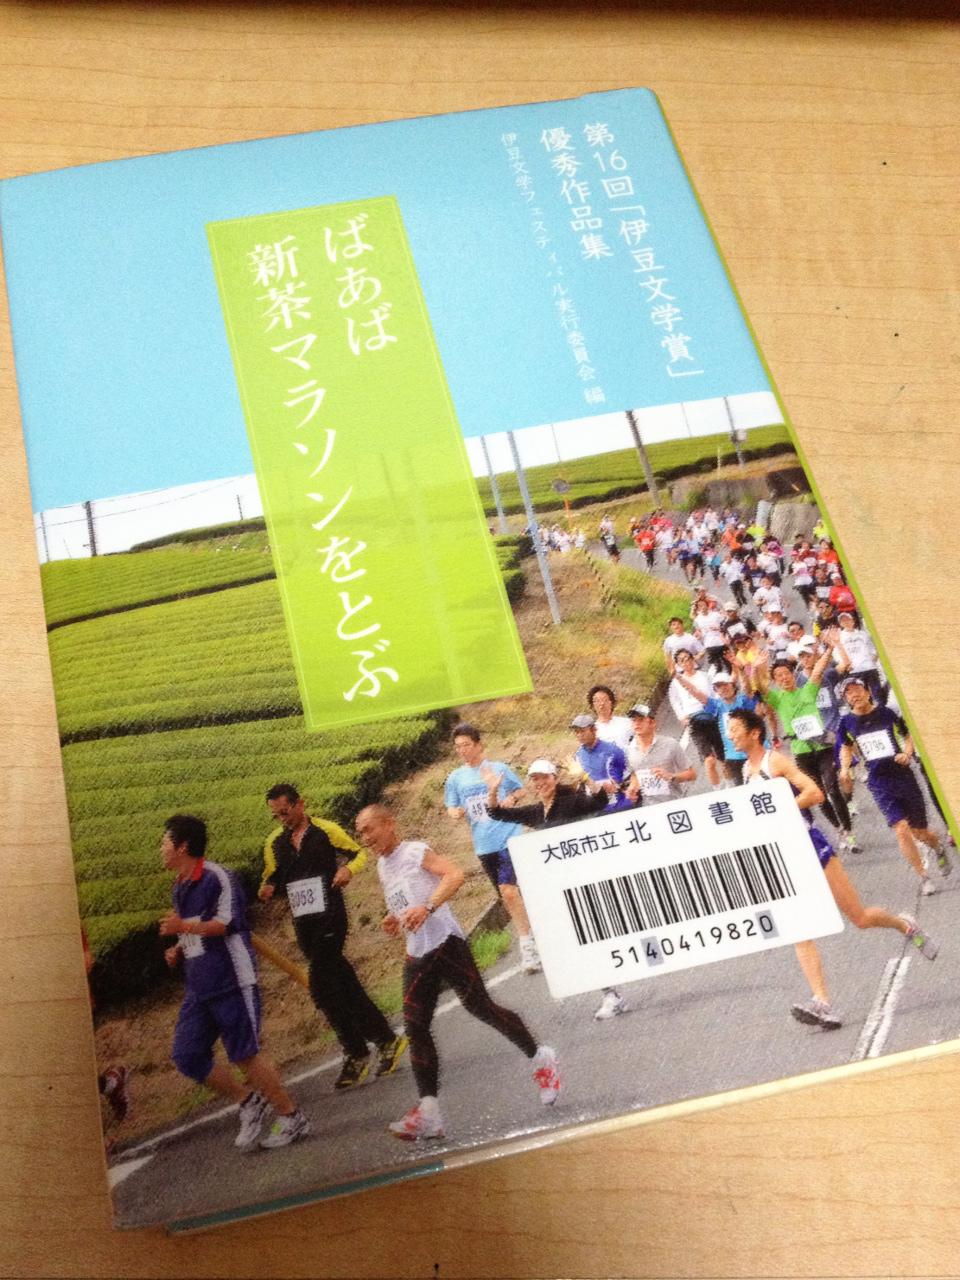 「ばあば新茶マラソンをとぶ」地方文学賞が描く地域の魅力